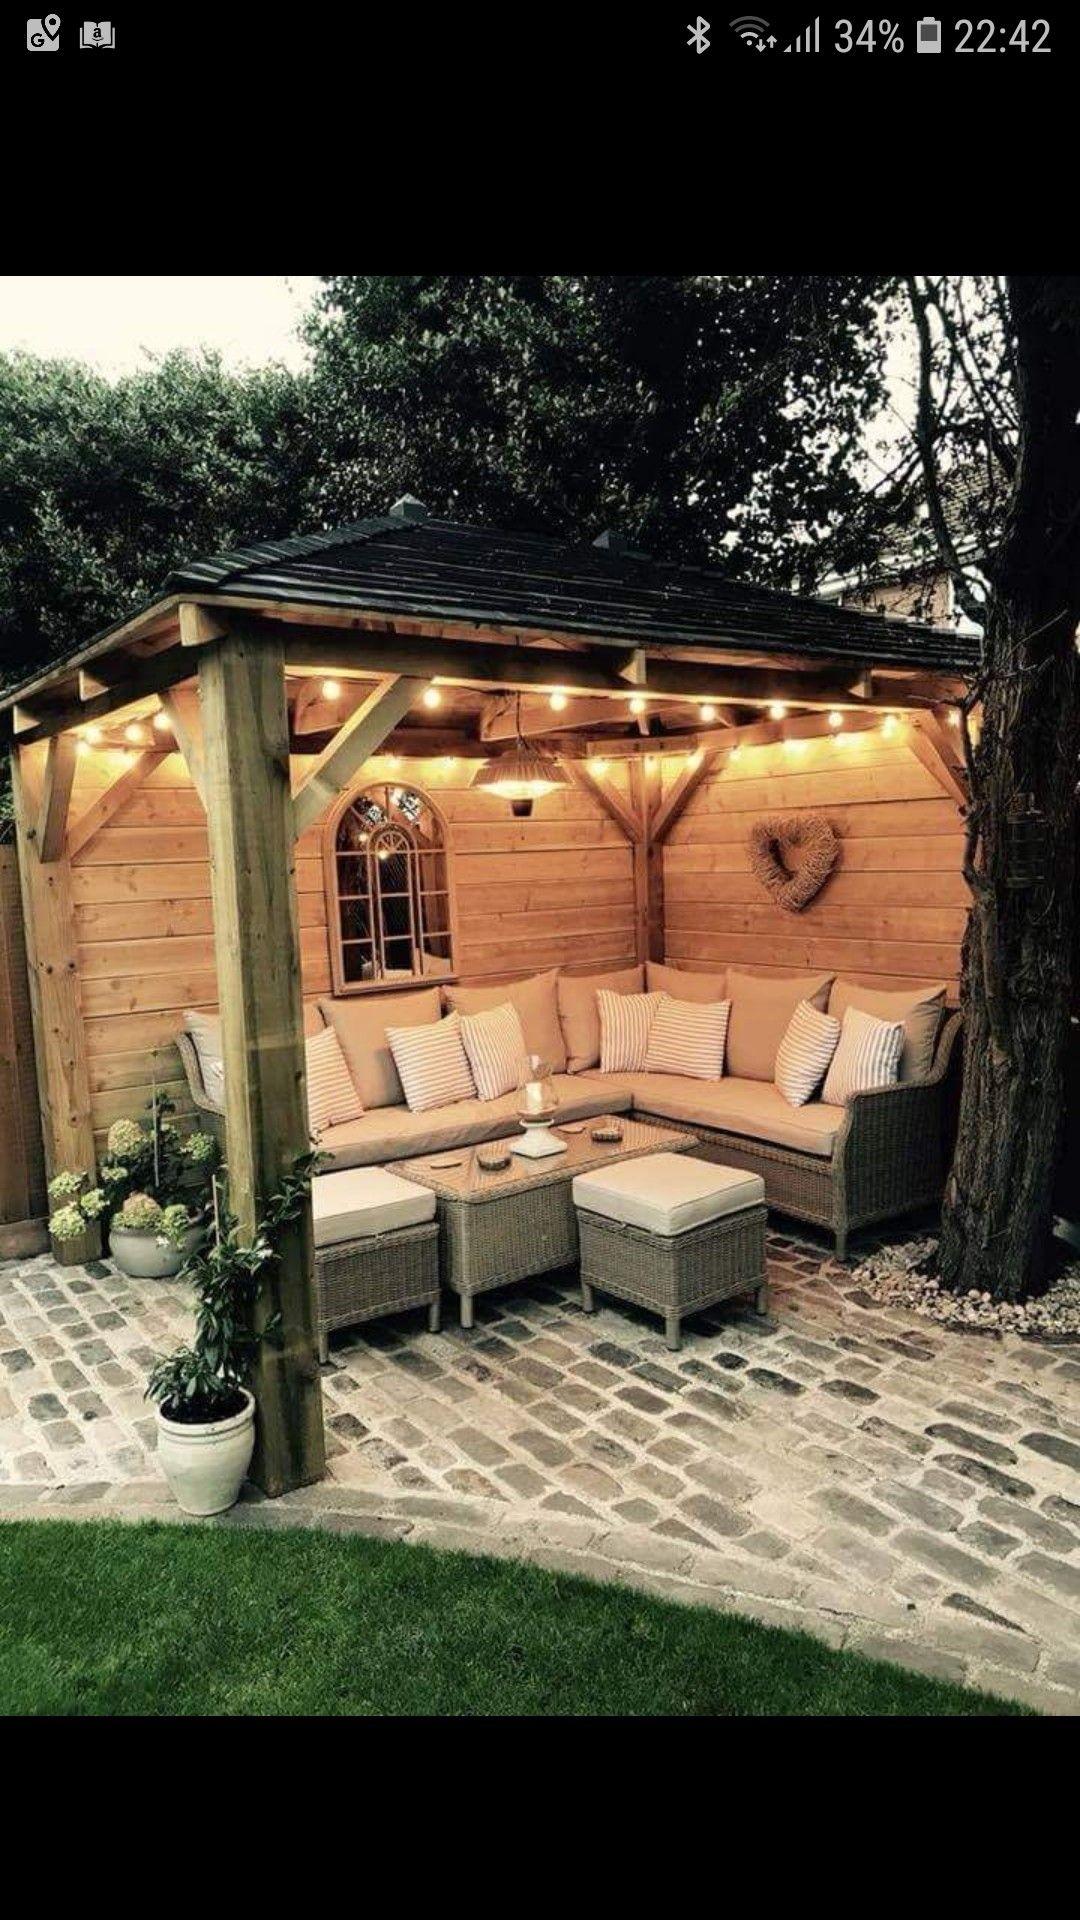 New home garden ideas  Pin by DuAnn Moldenhauer on Back Porch Living  Pinterest  Backyard